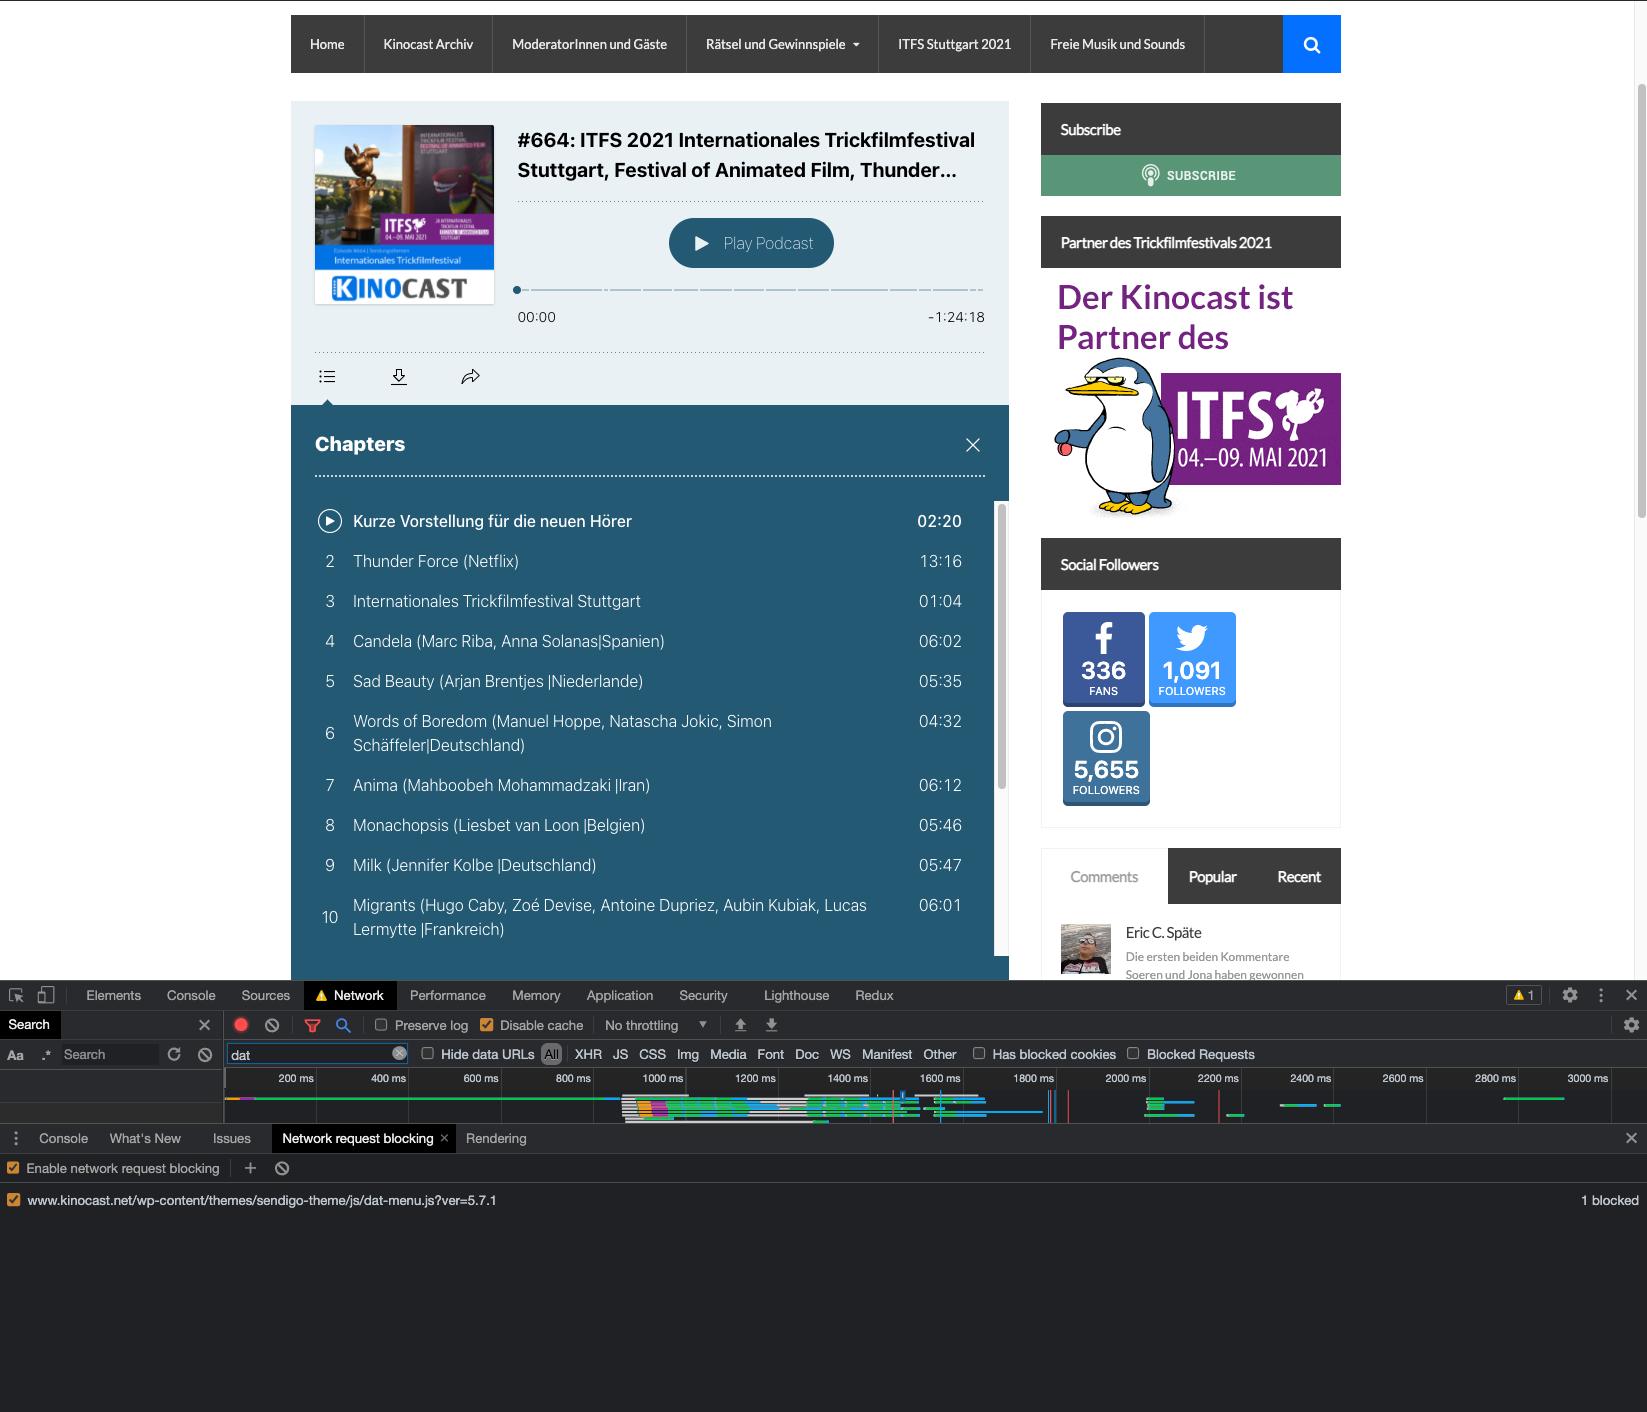 Screenshot 2021-05-06 at 17.44.36